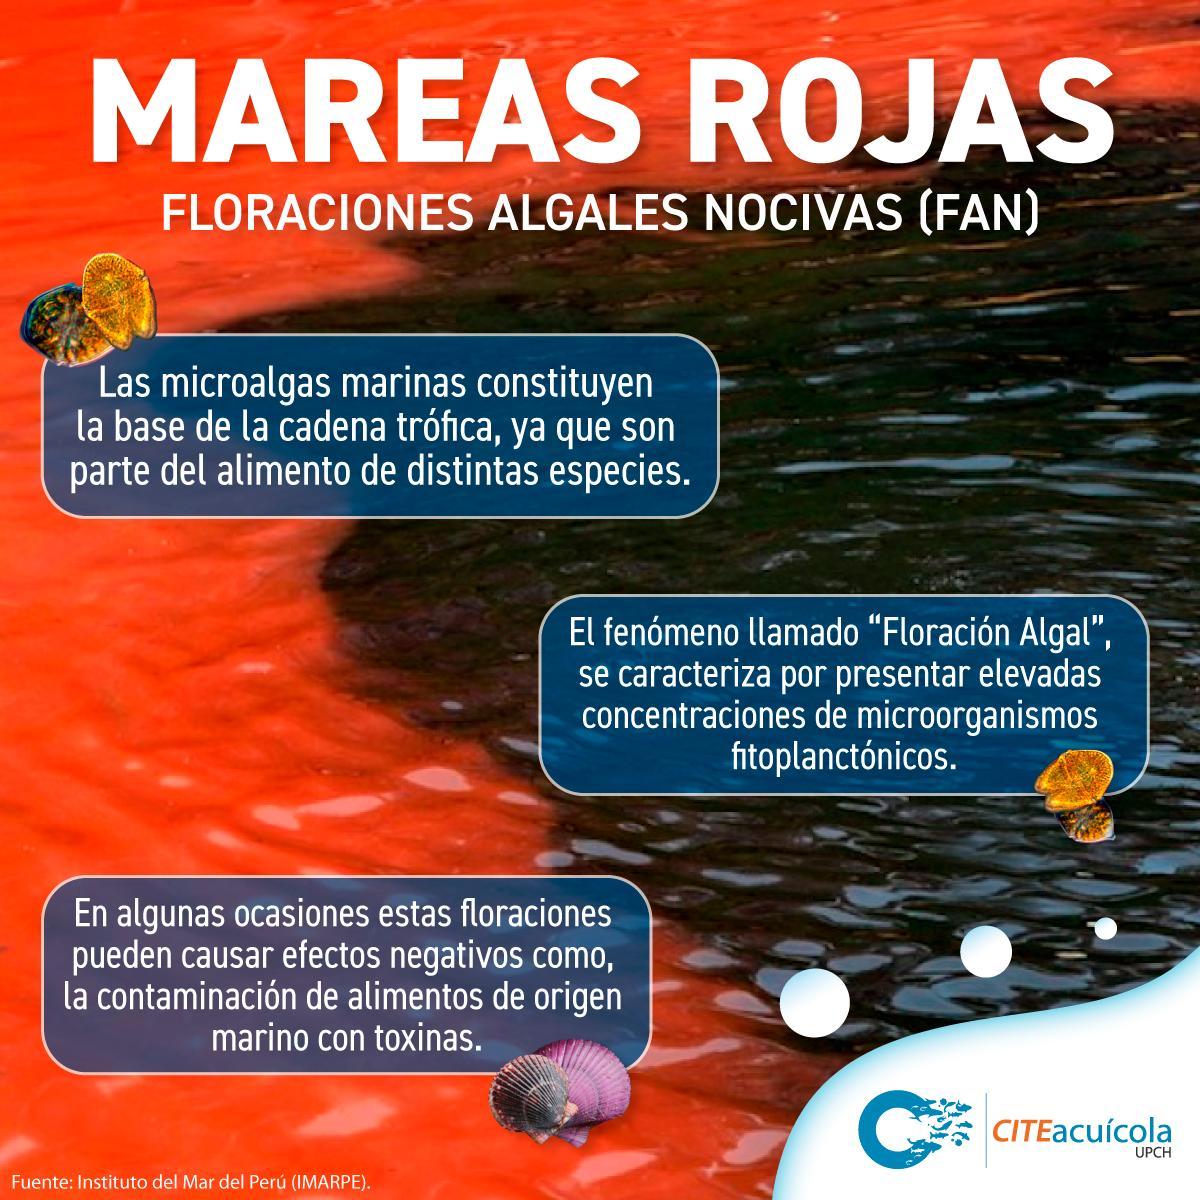 ¿Sabías qué?🧠 Las mareas rojas o Floraciones Algales Nocivas, son discoloraciones del agua del mar causadas por elevadas concentraciones de microorganismos fitoplanctónicos pigmentados. #CITEacuícolaUPCH #CITE #PRODUCE #MinProducción #mar #eco #FAN #Peru #ocean #sea #naturale